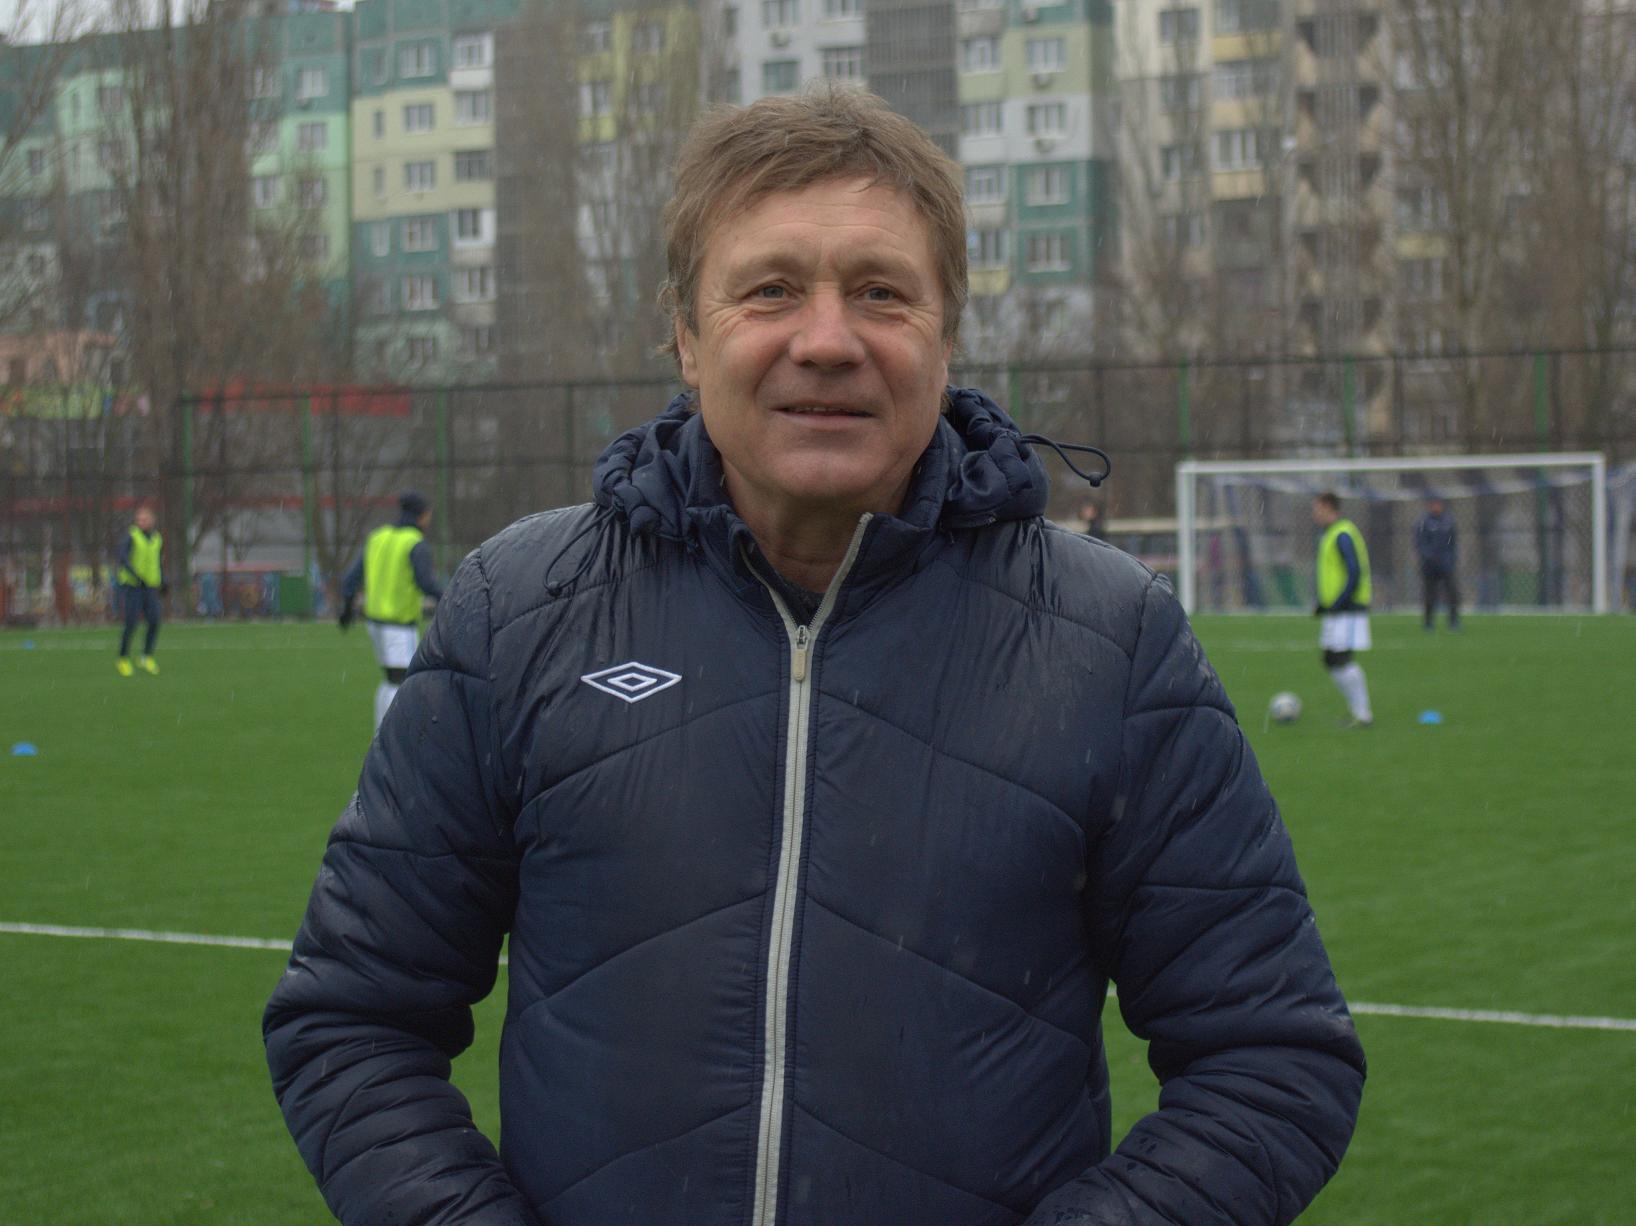 Херсонська обласна федерація футболу вітає з днем народження Сергія Васильовича Шевченка!